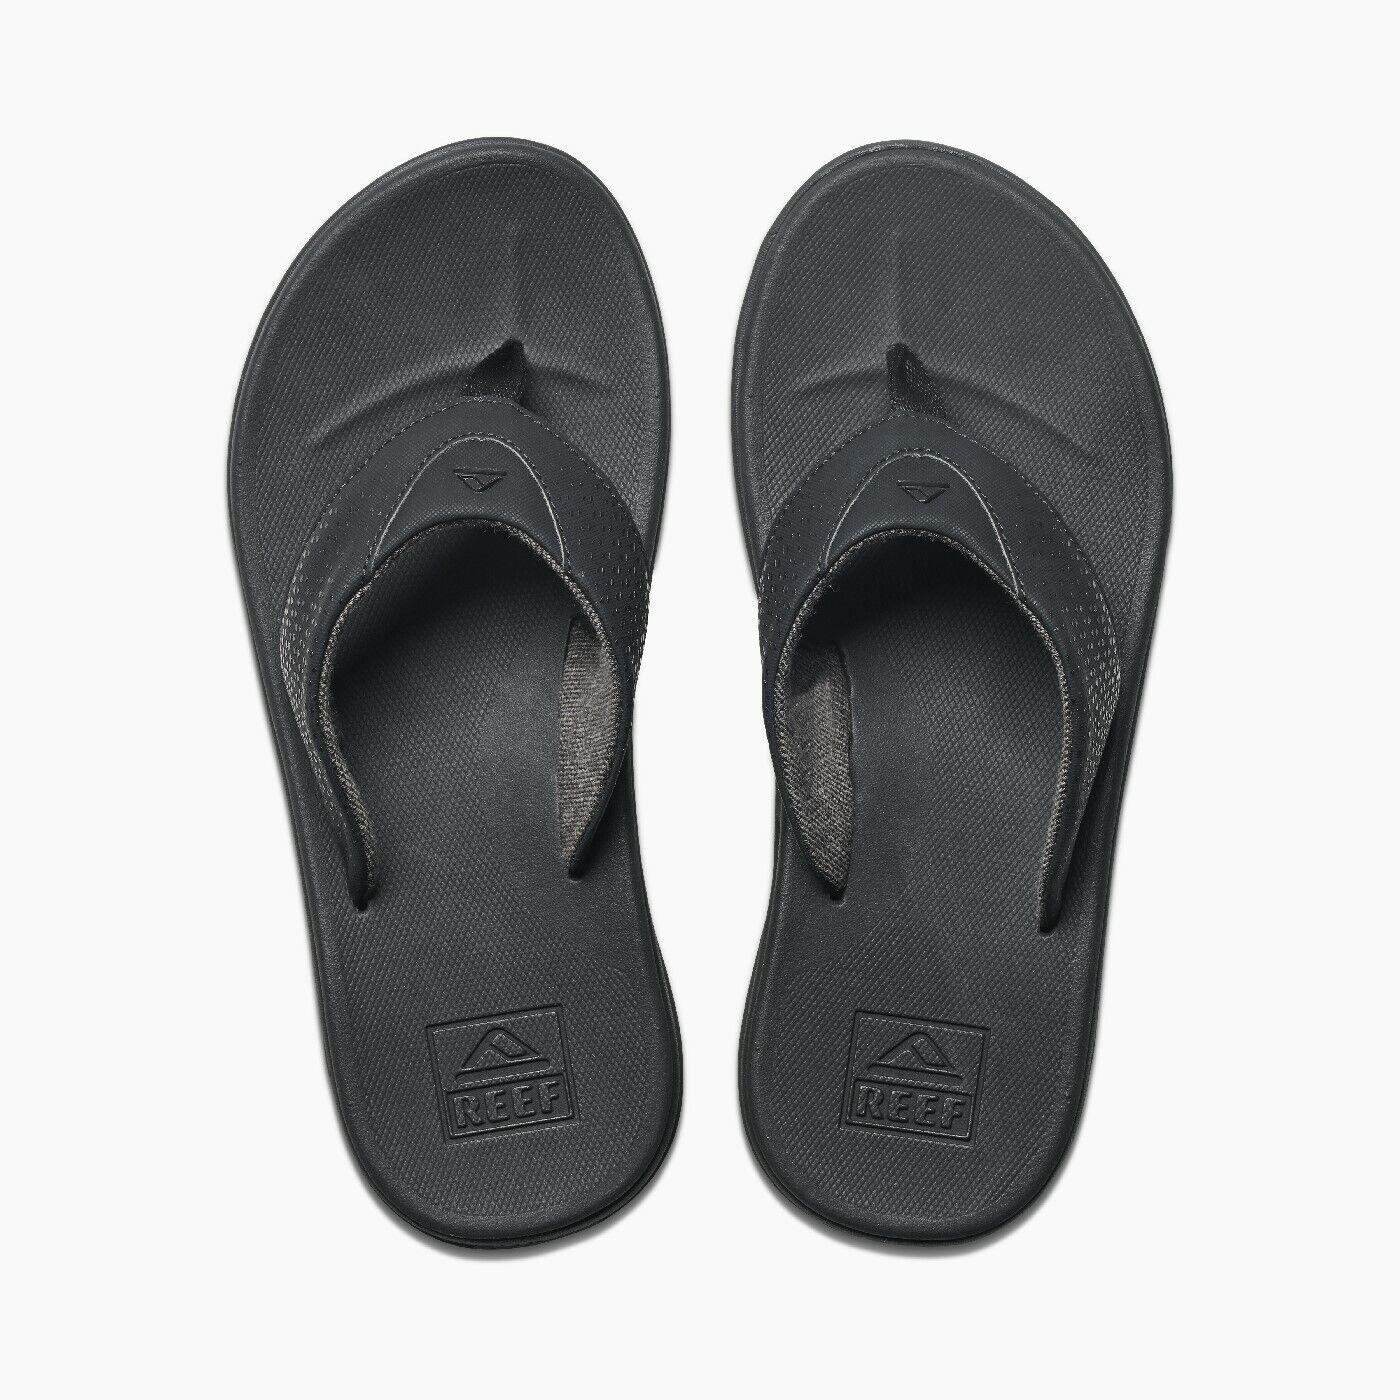 Reef Sandals - Men's Flip Flops - Rover - Black - RF002295BLA - BLA